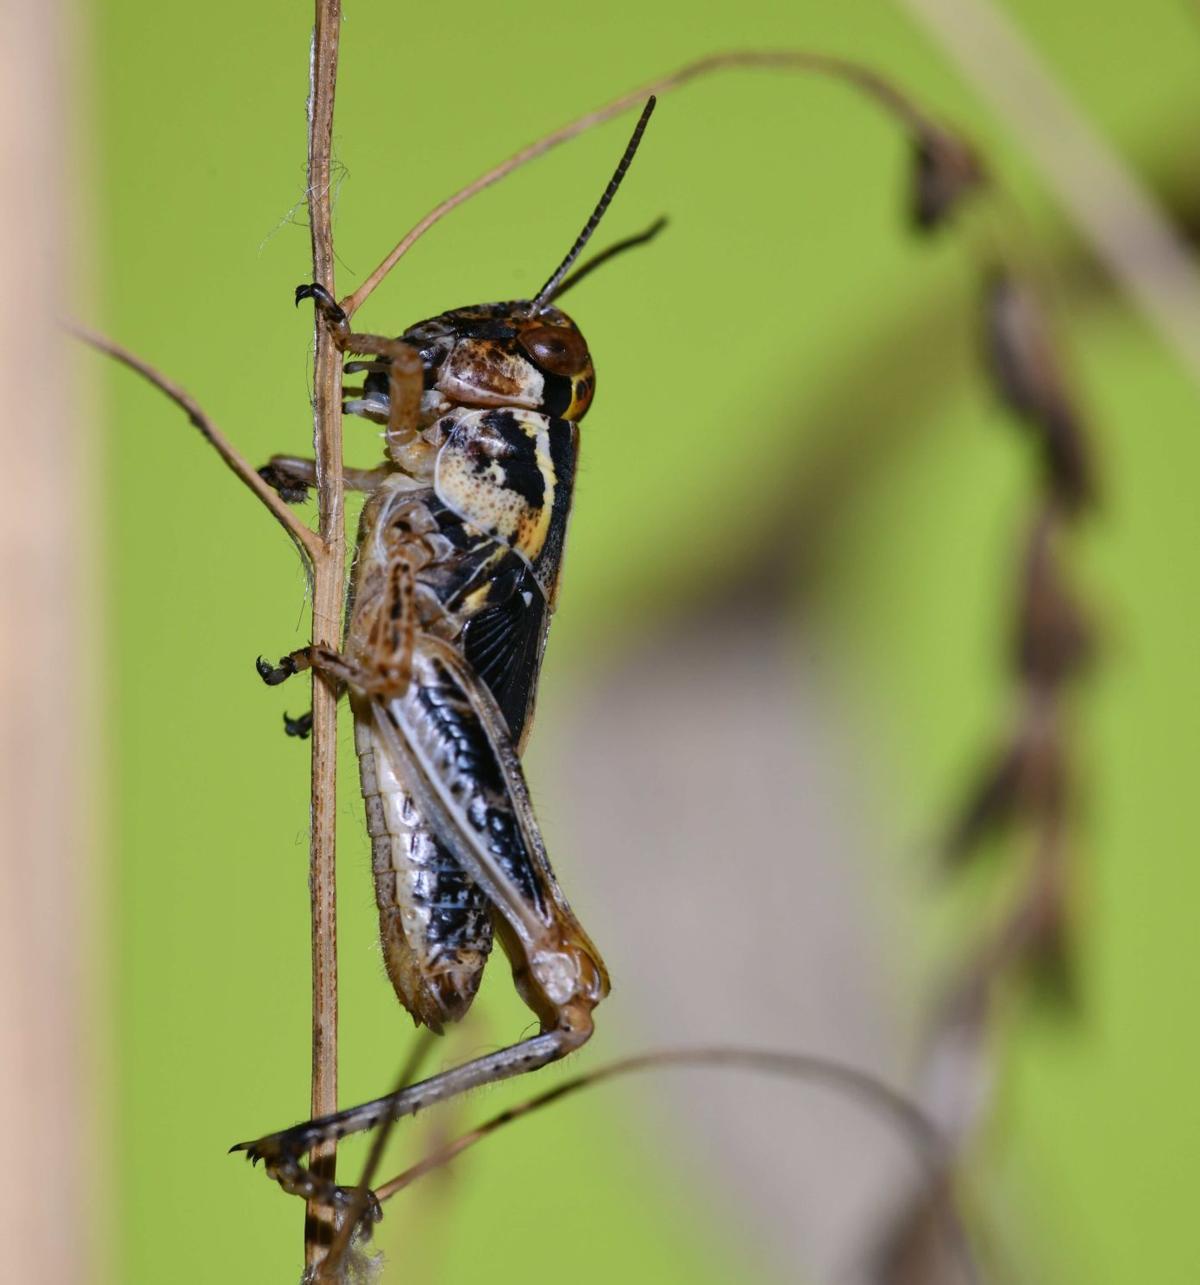 2019-11-16 15.28.08 Melanoplus grasshopper shoot - Version 2.jpg